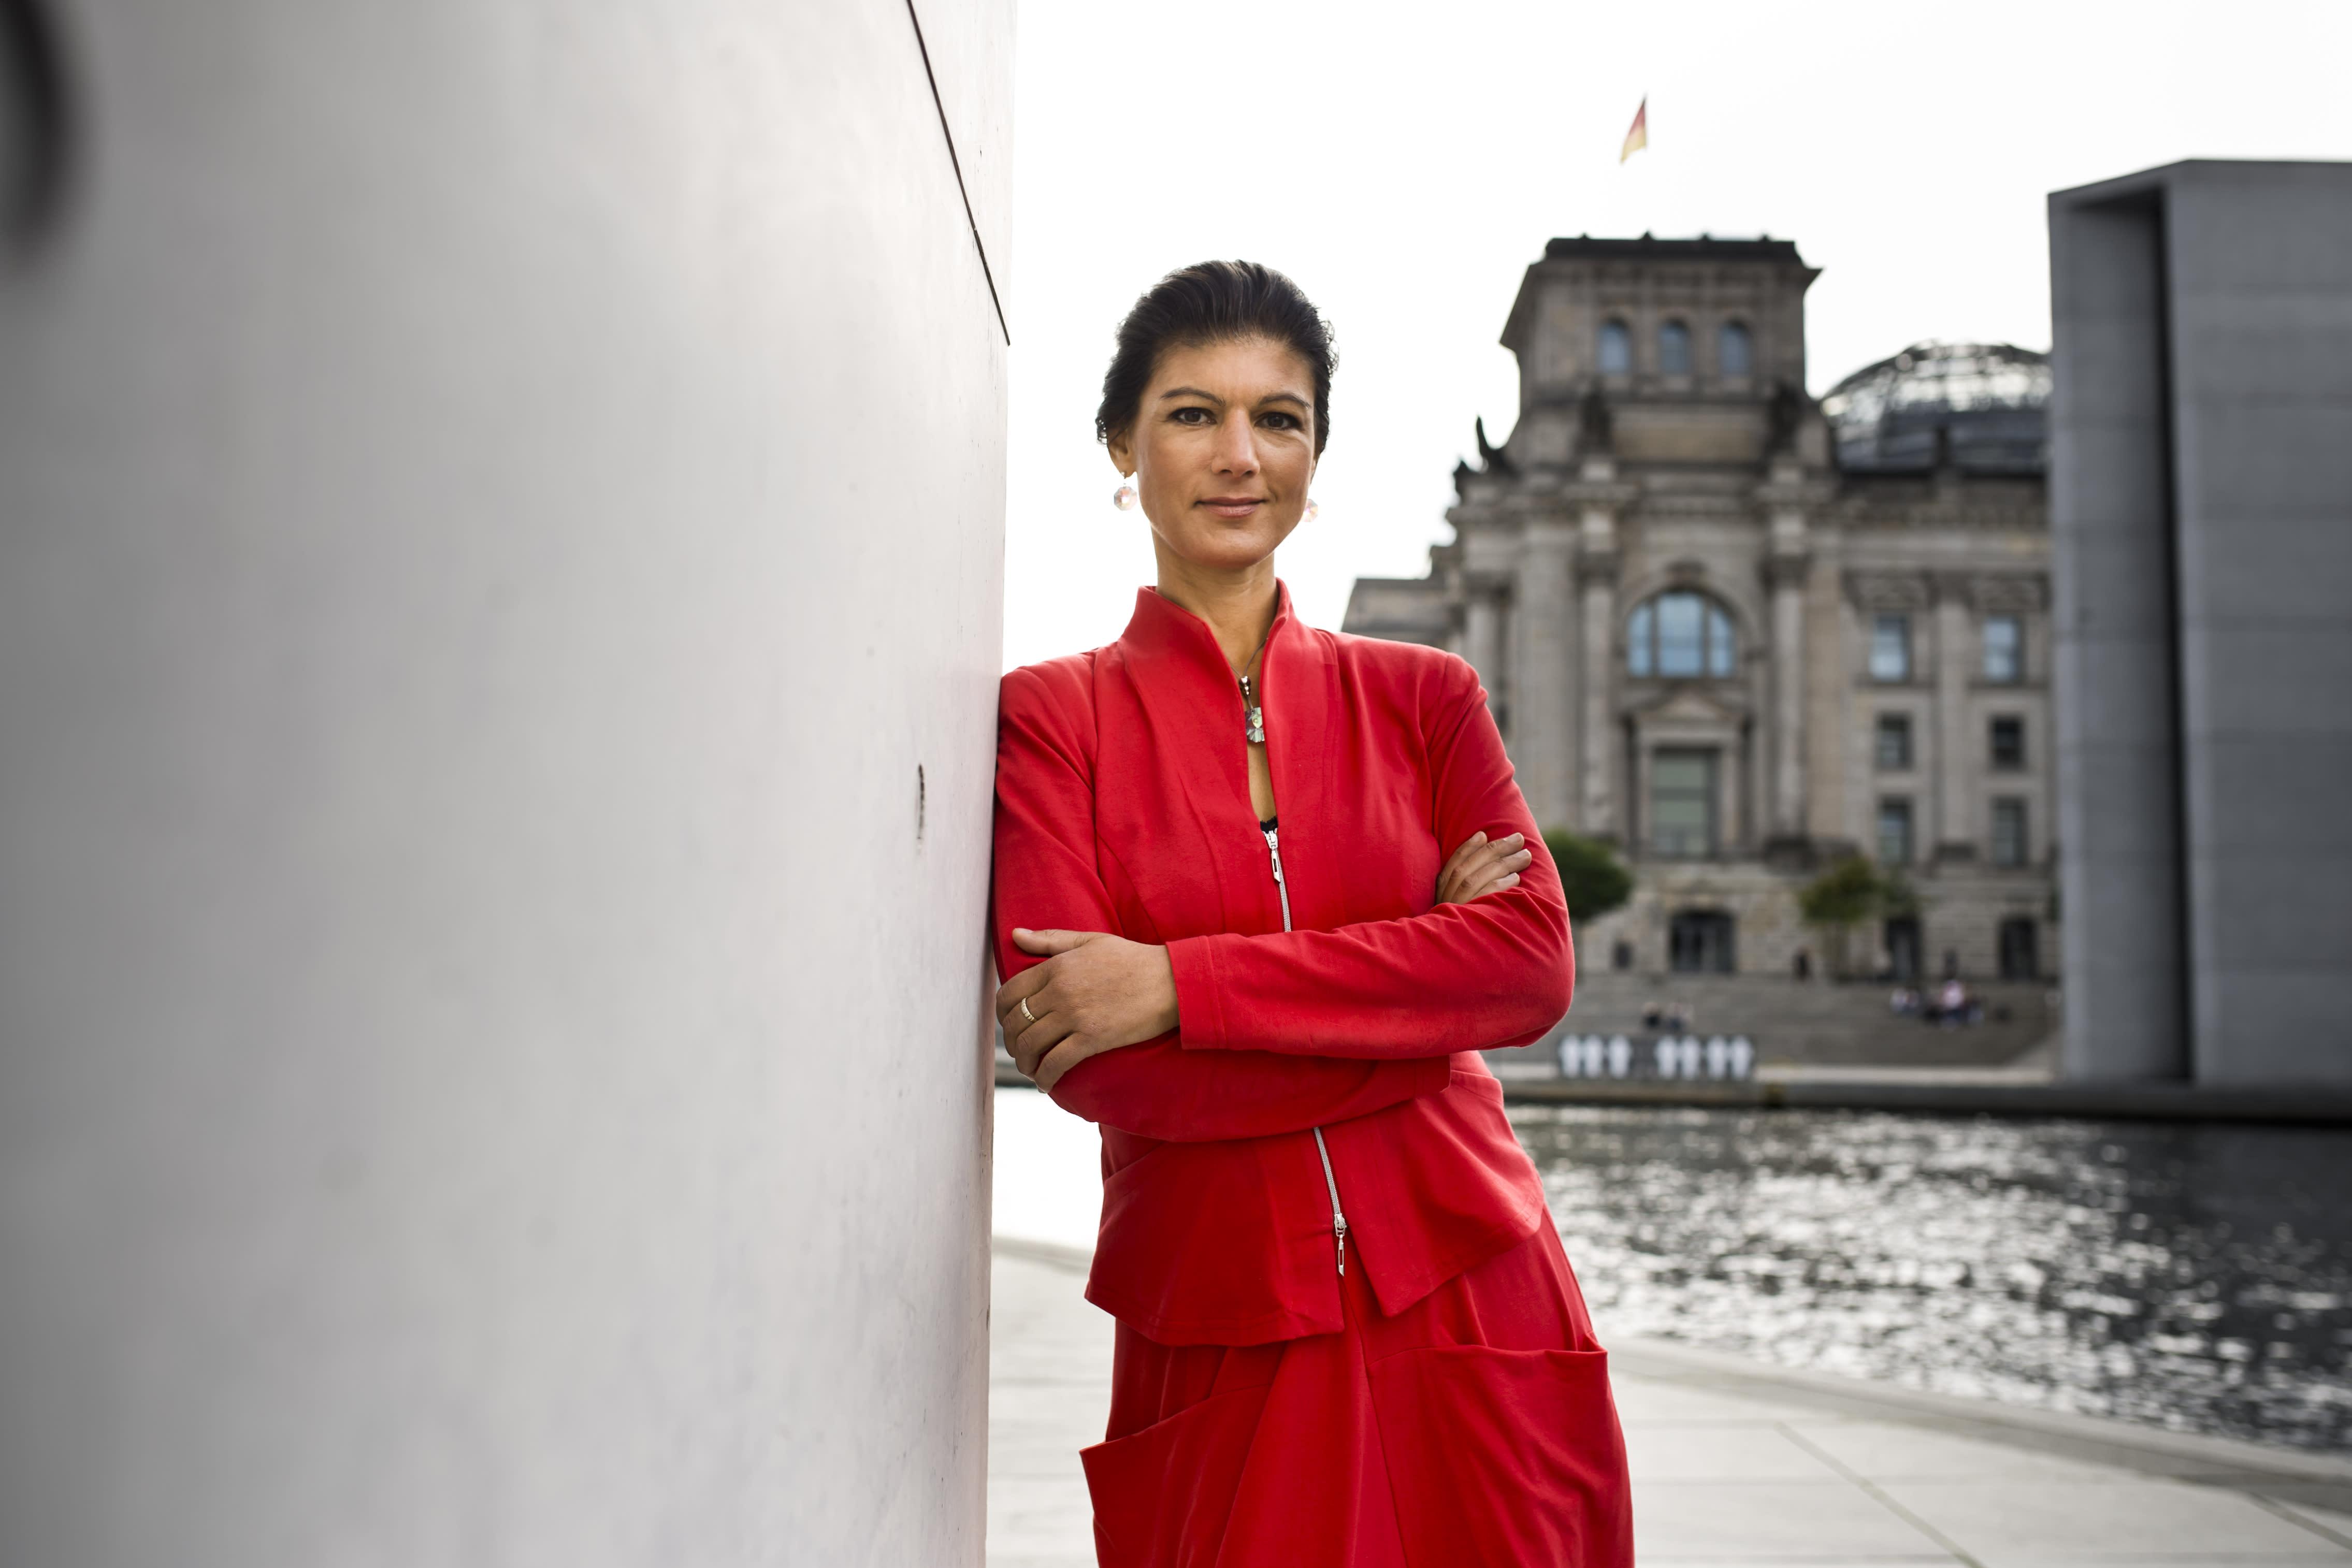 Sahra Wagenknecht Film